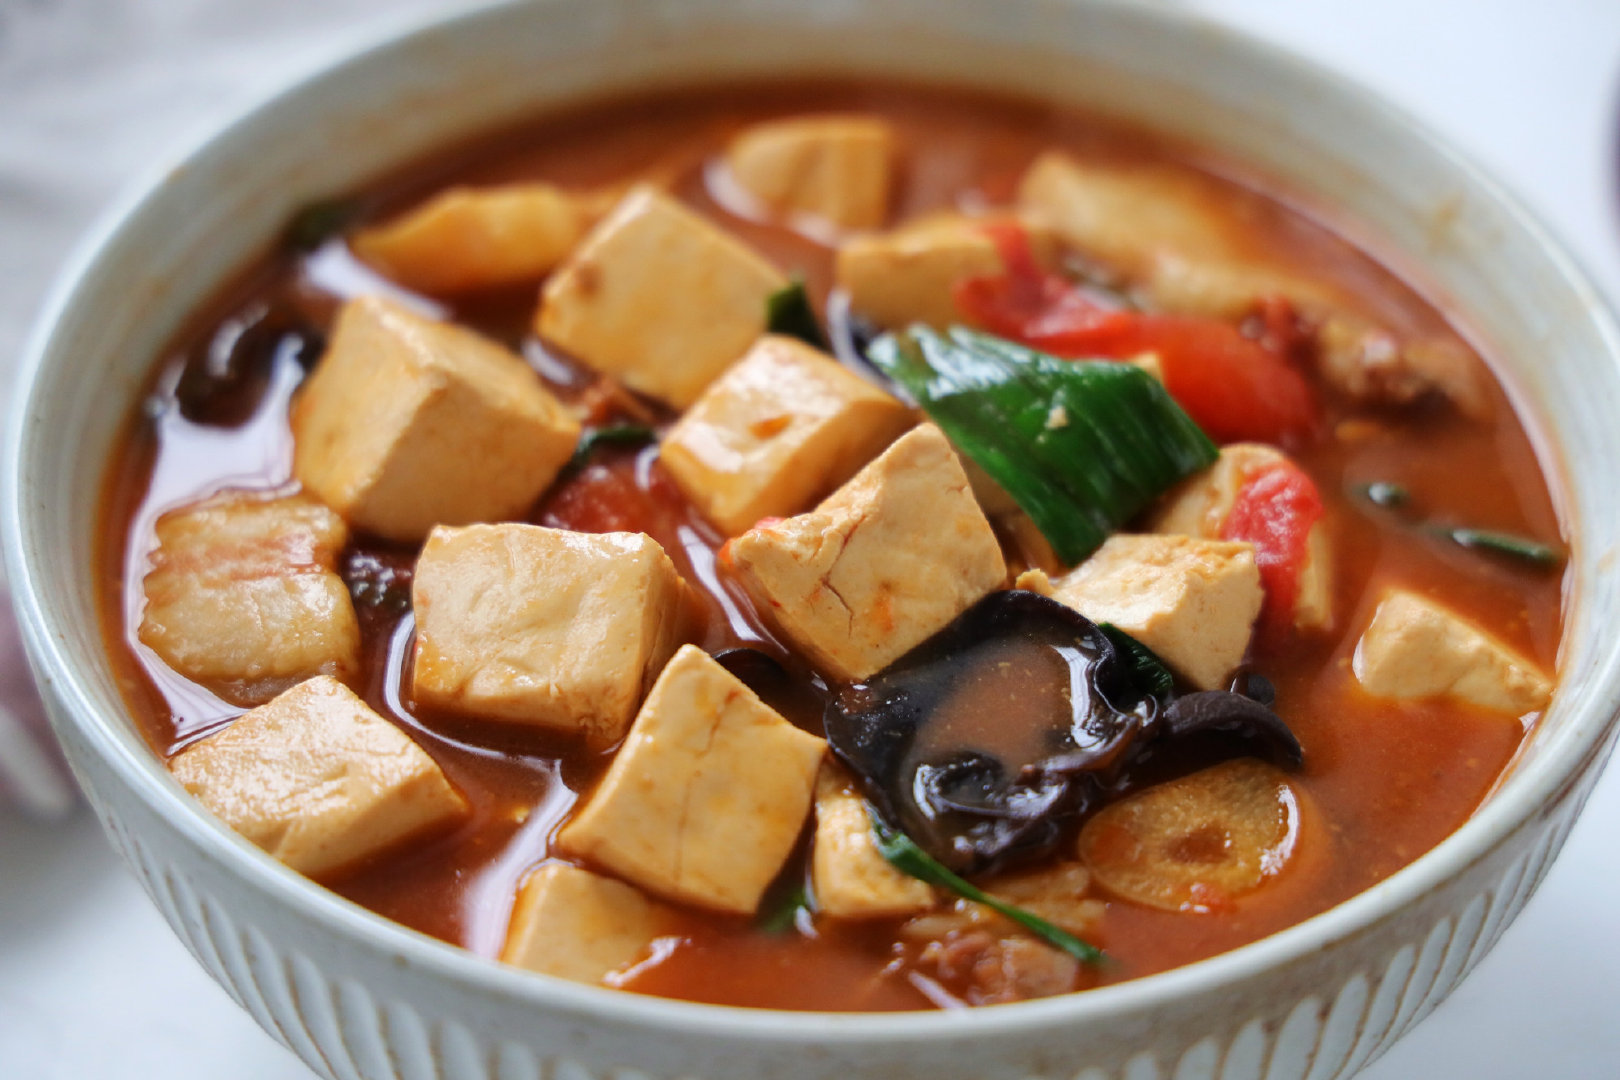 豆腐这样炖太费米饭了,用砂锅煲一锅,滑嫩入味,太适合冬天吃了